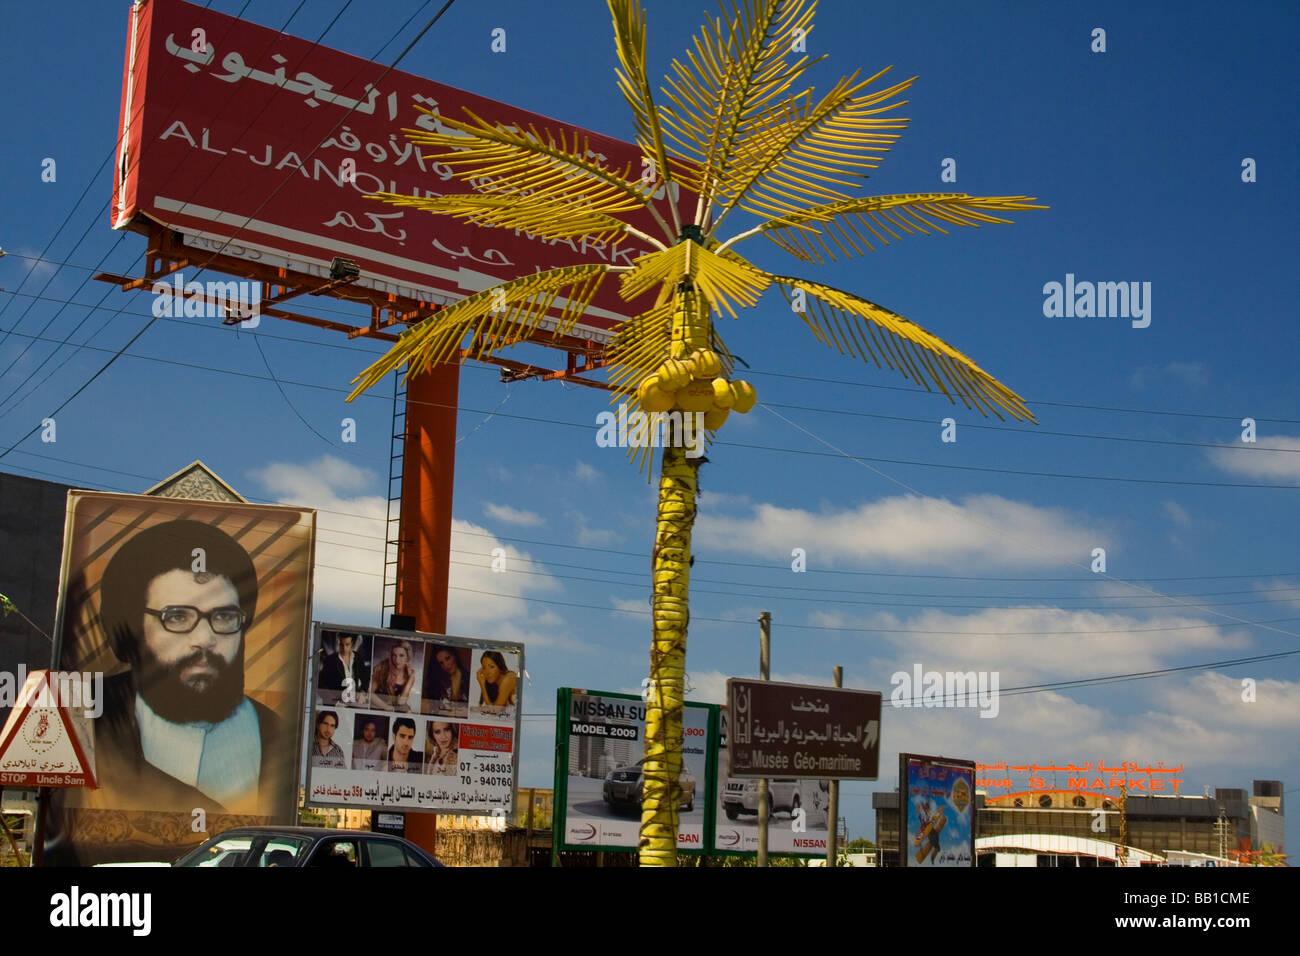 Propoganda posters in Sour, Lebanon - Stock Image